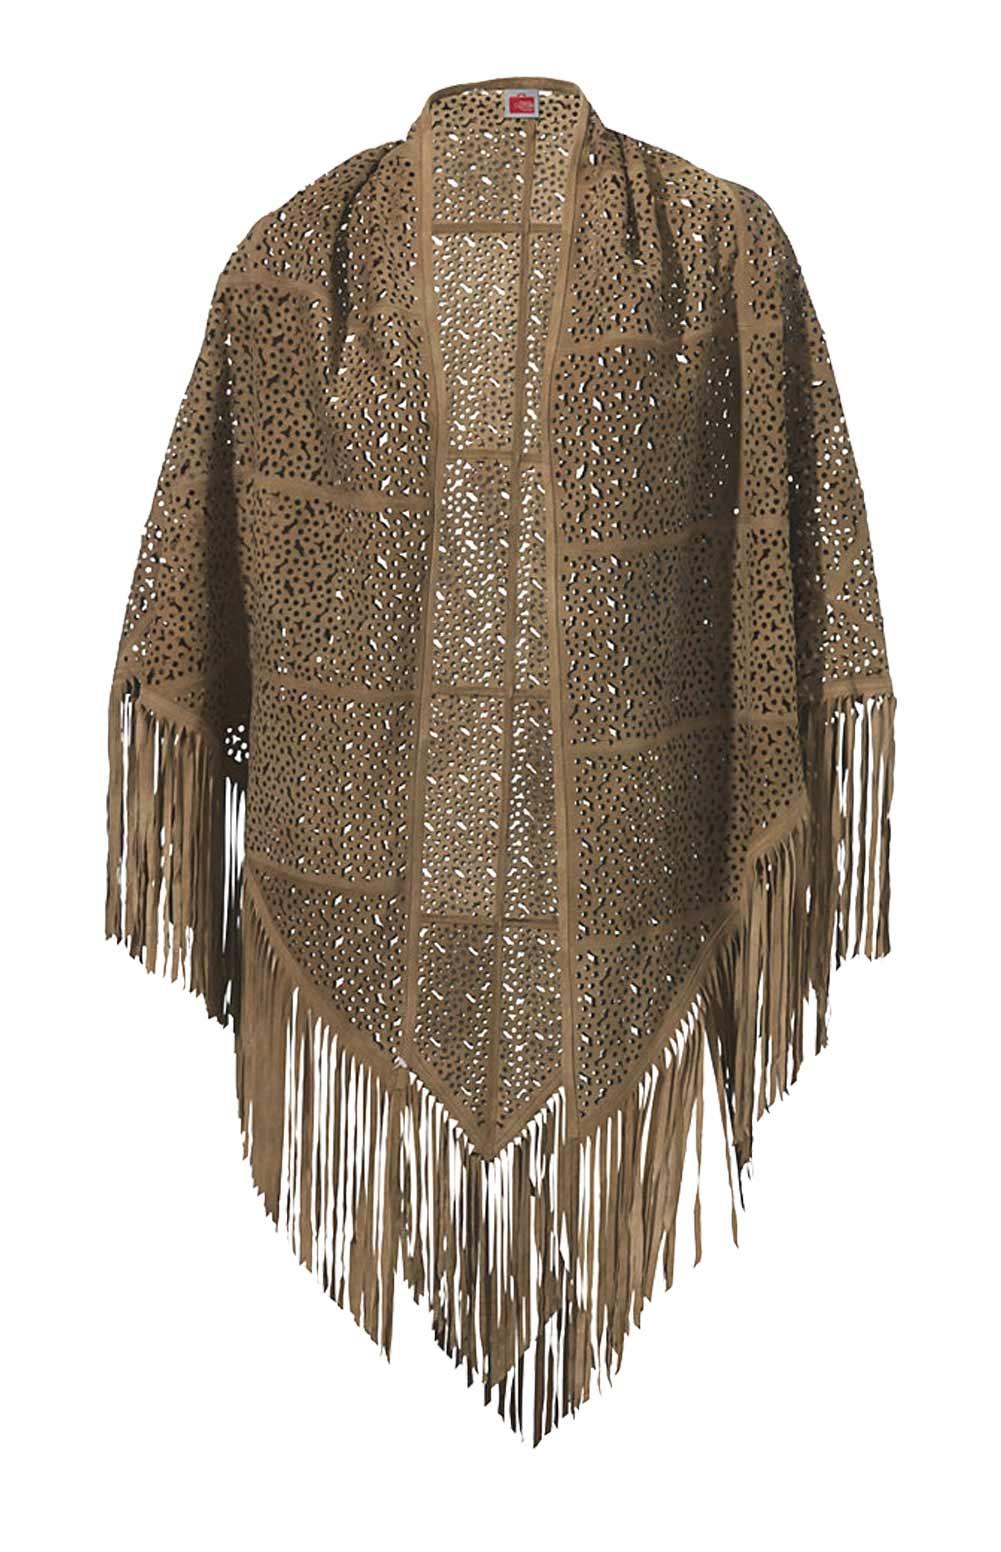 Travel Couture by Heine Poncho Ziegenveloursleder cognac 003.127 Missforty